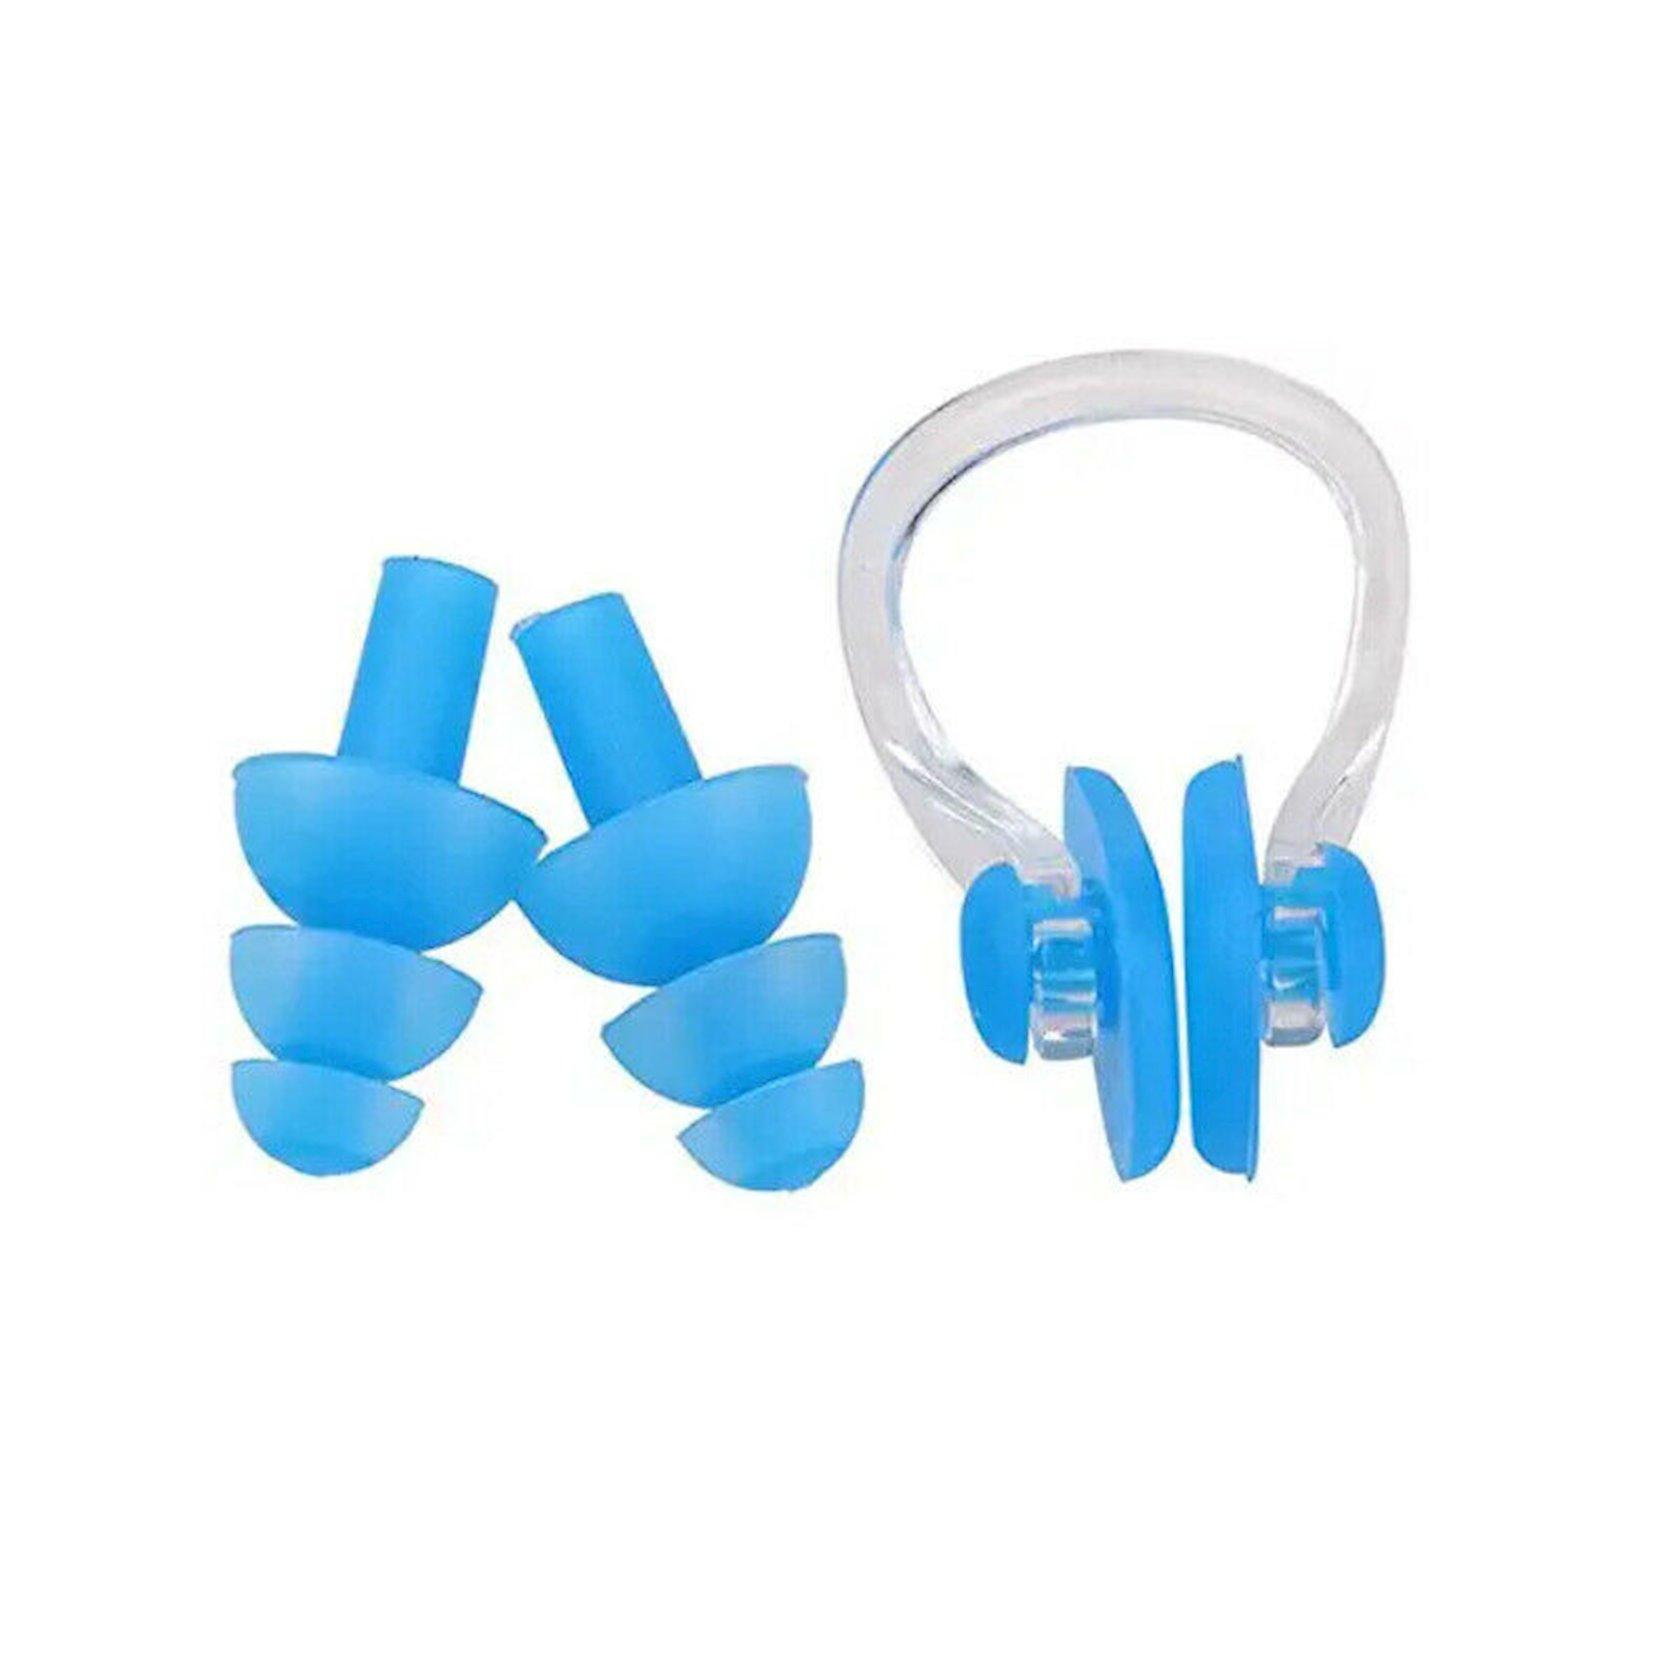 Burun sıxacı Zoggs Nose Clip, plastik/silikon, çexol dəstdə, ağ(şəffaf), mavi